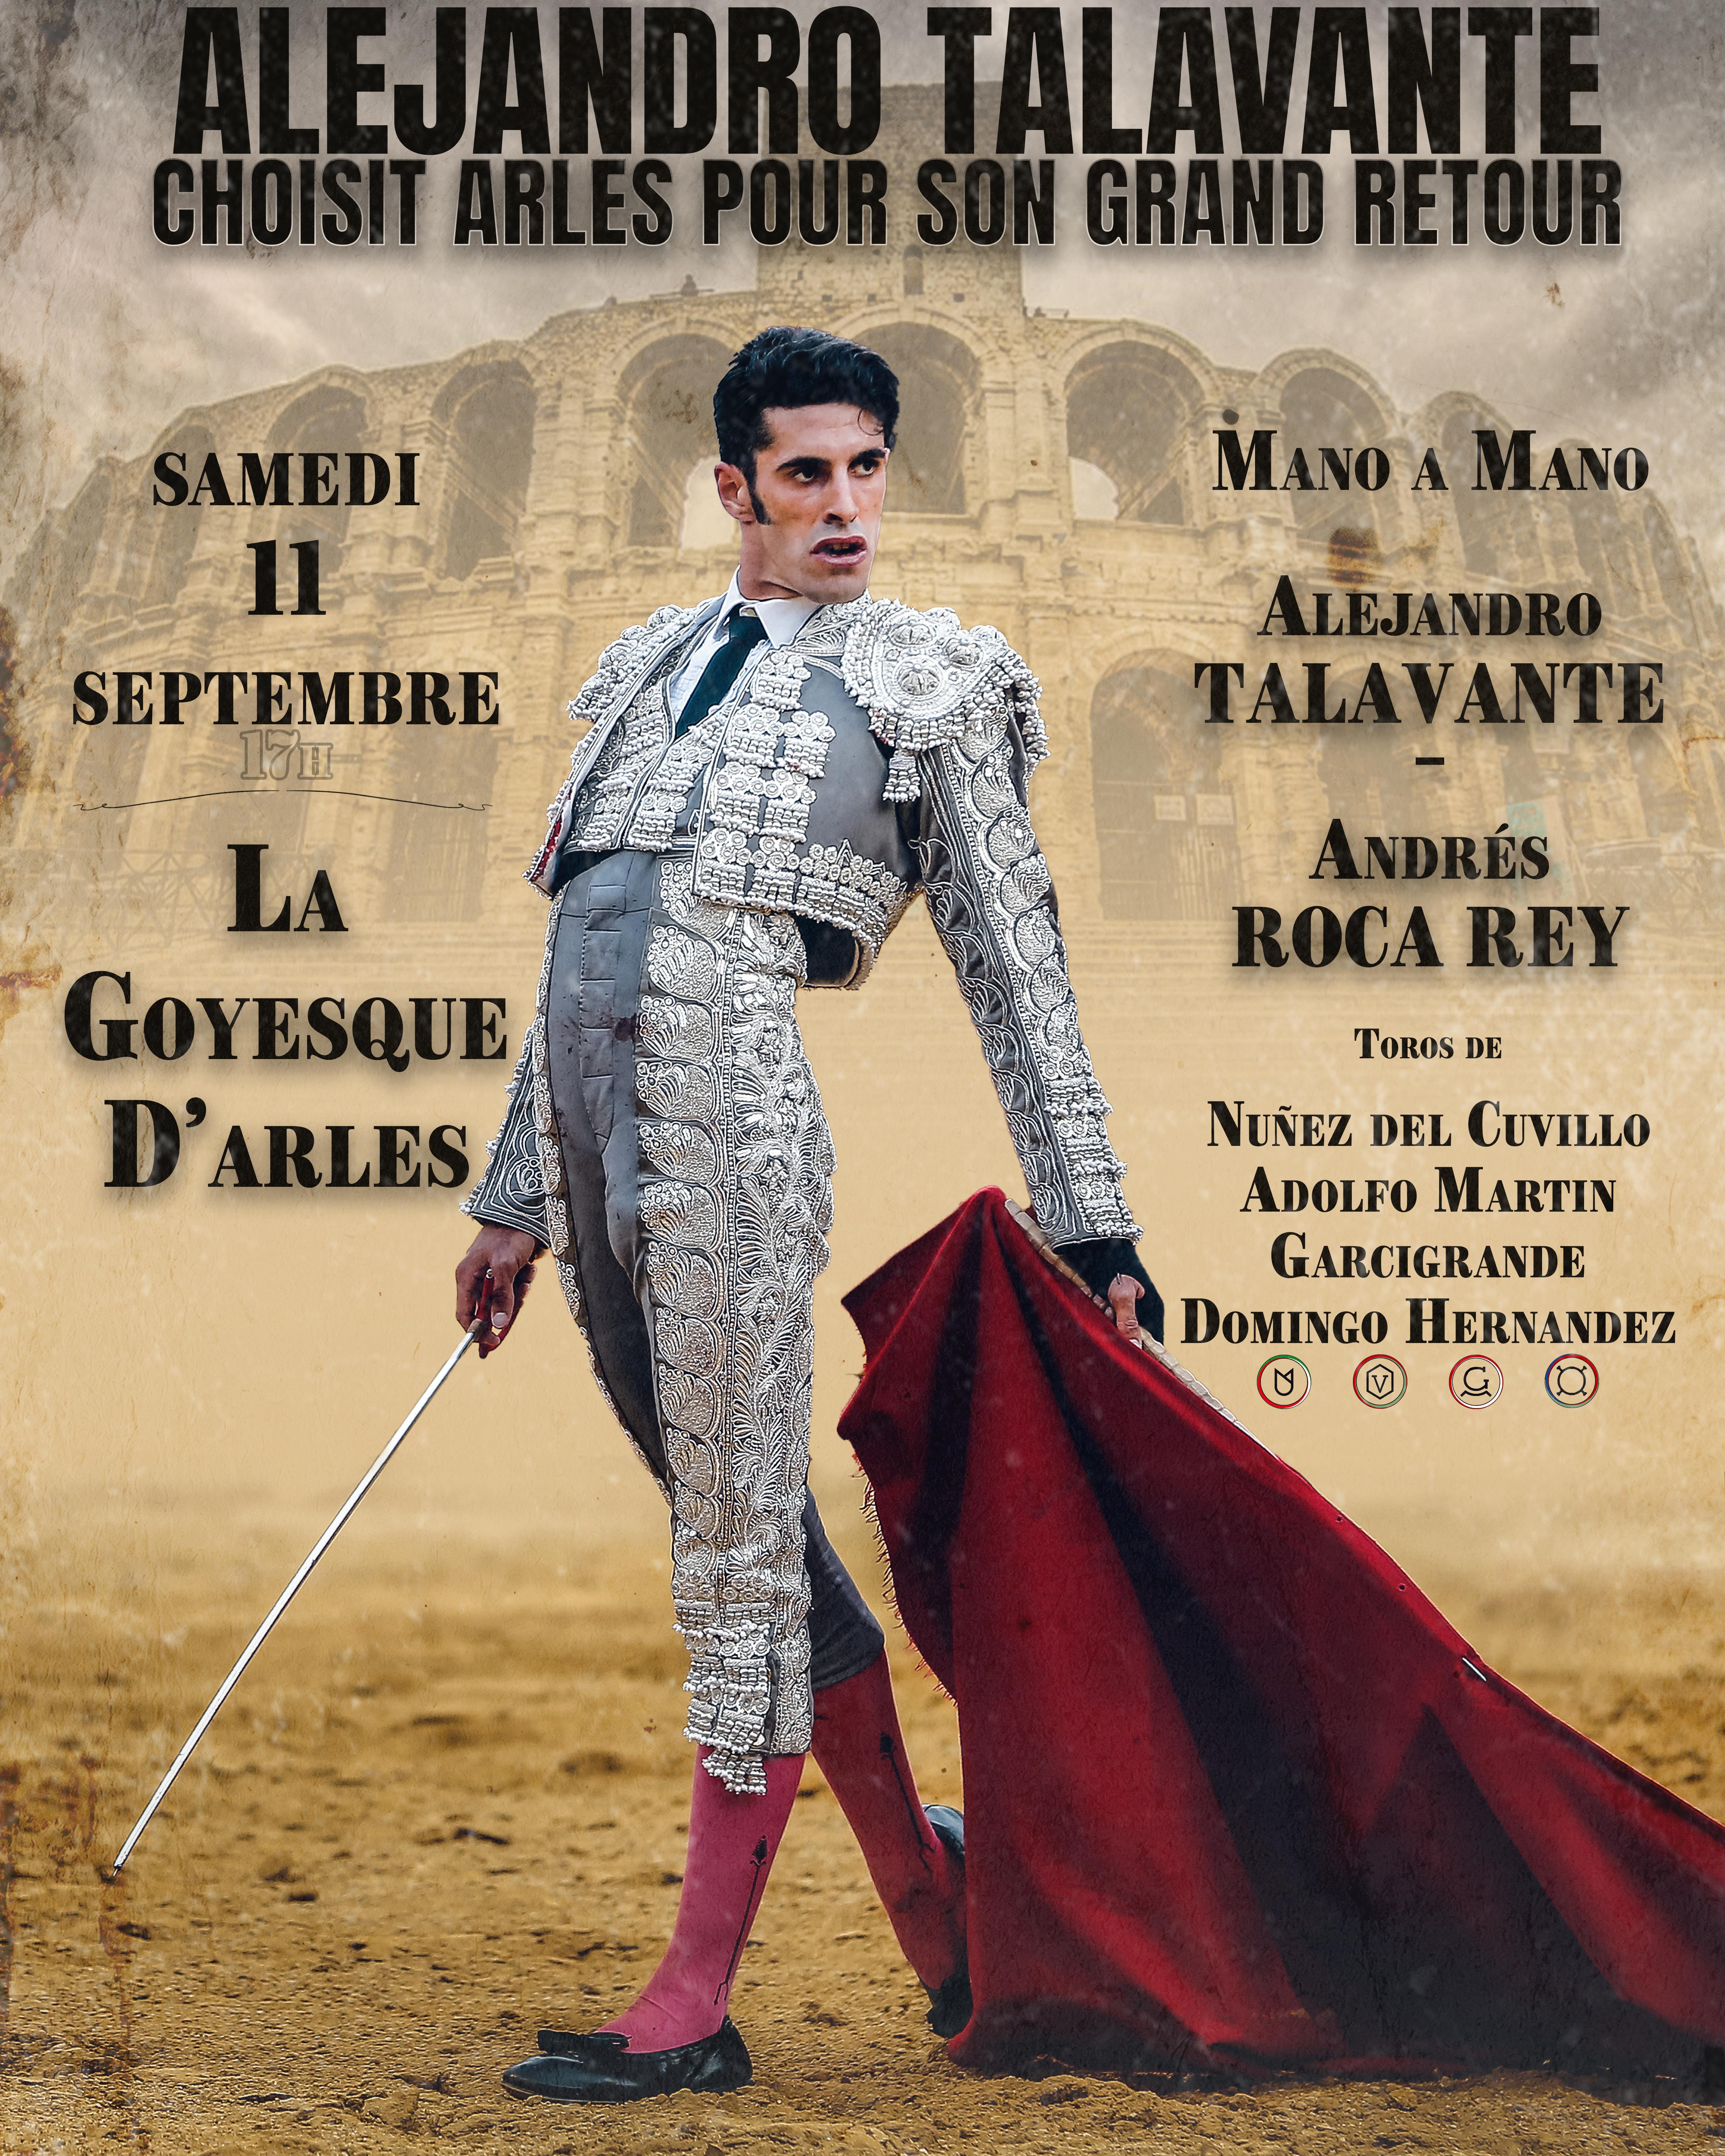 ALEJANDRO TALAVANTE a choisit Arles pour son grand retour !